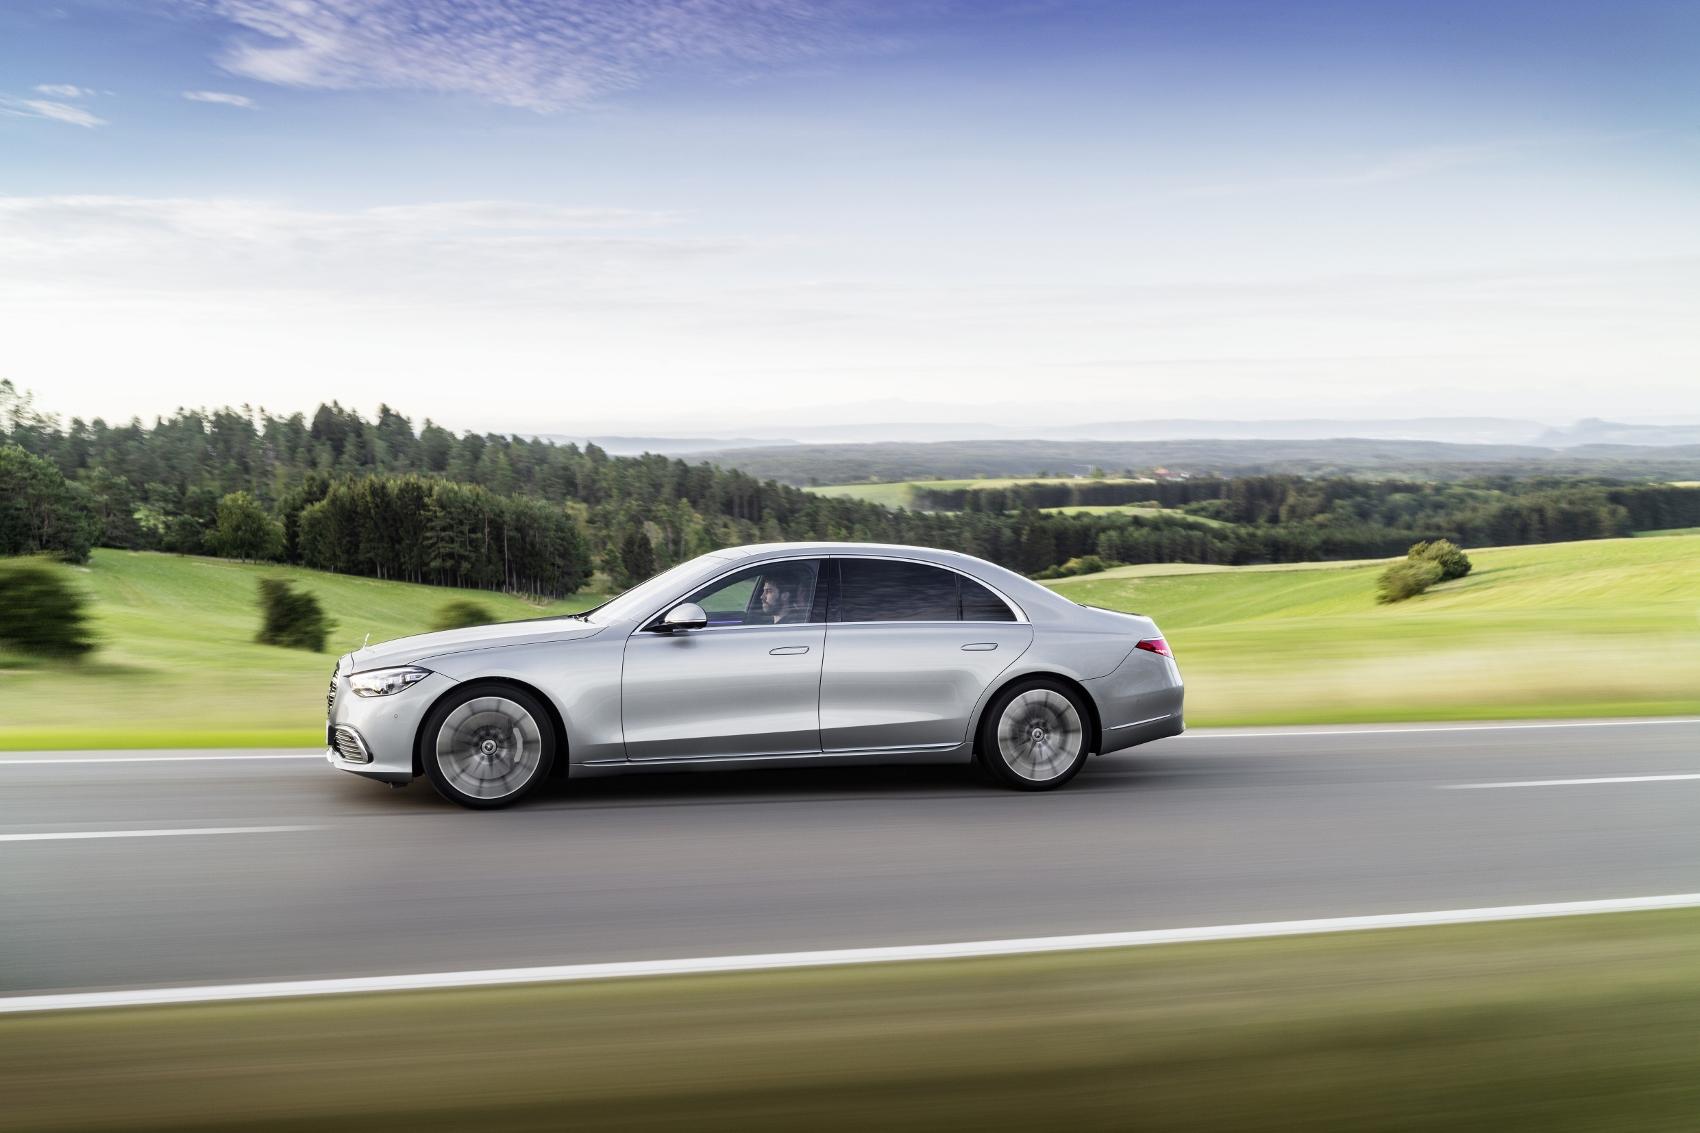 Nový Mercedes S je najpokročilejším Mercedesom v histórii n8Ak8MyZue 20c0358027-1700x1133